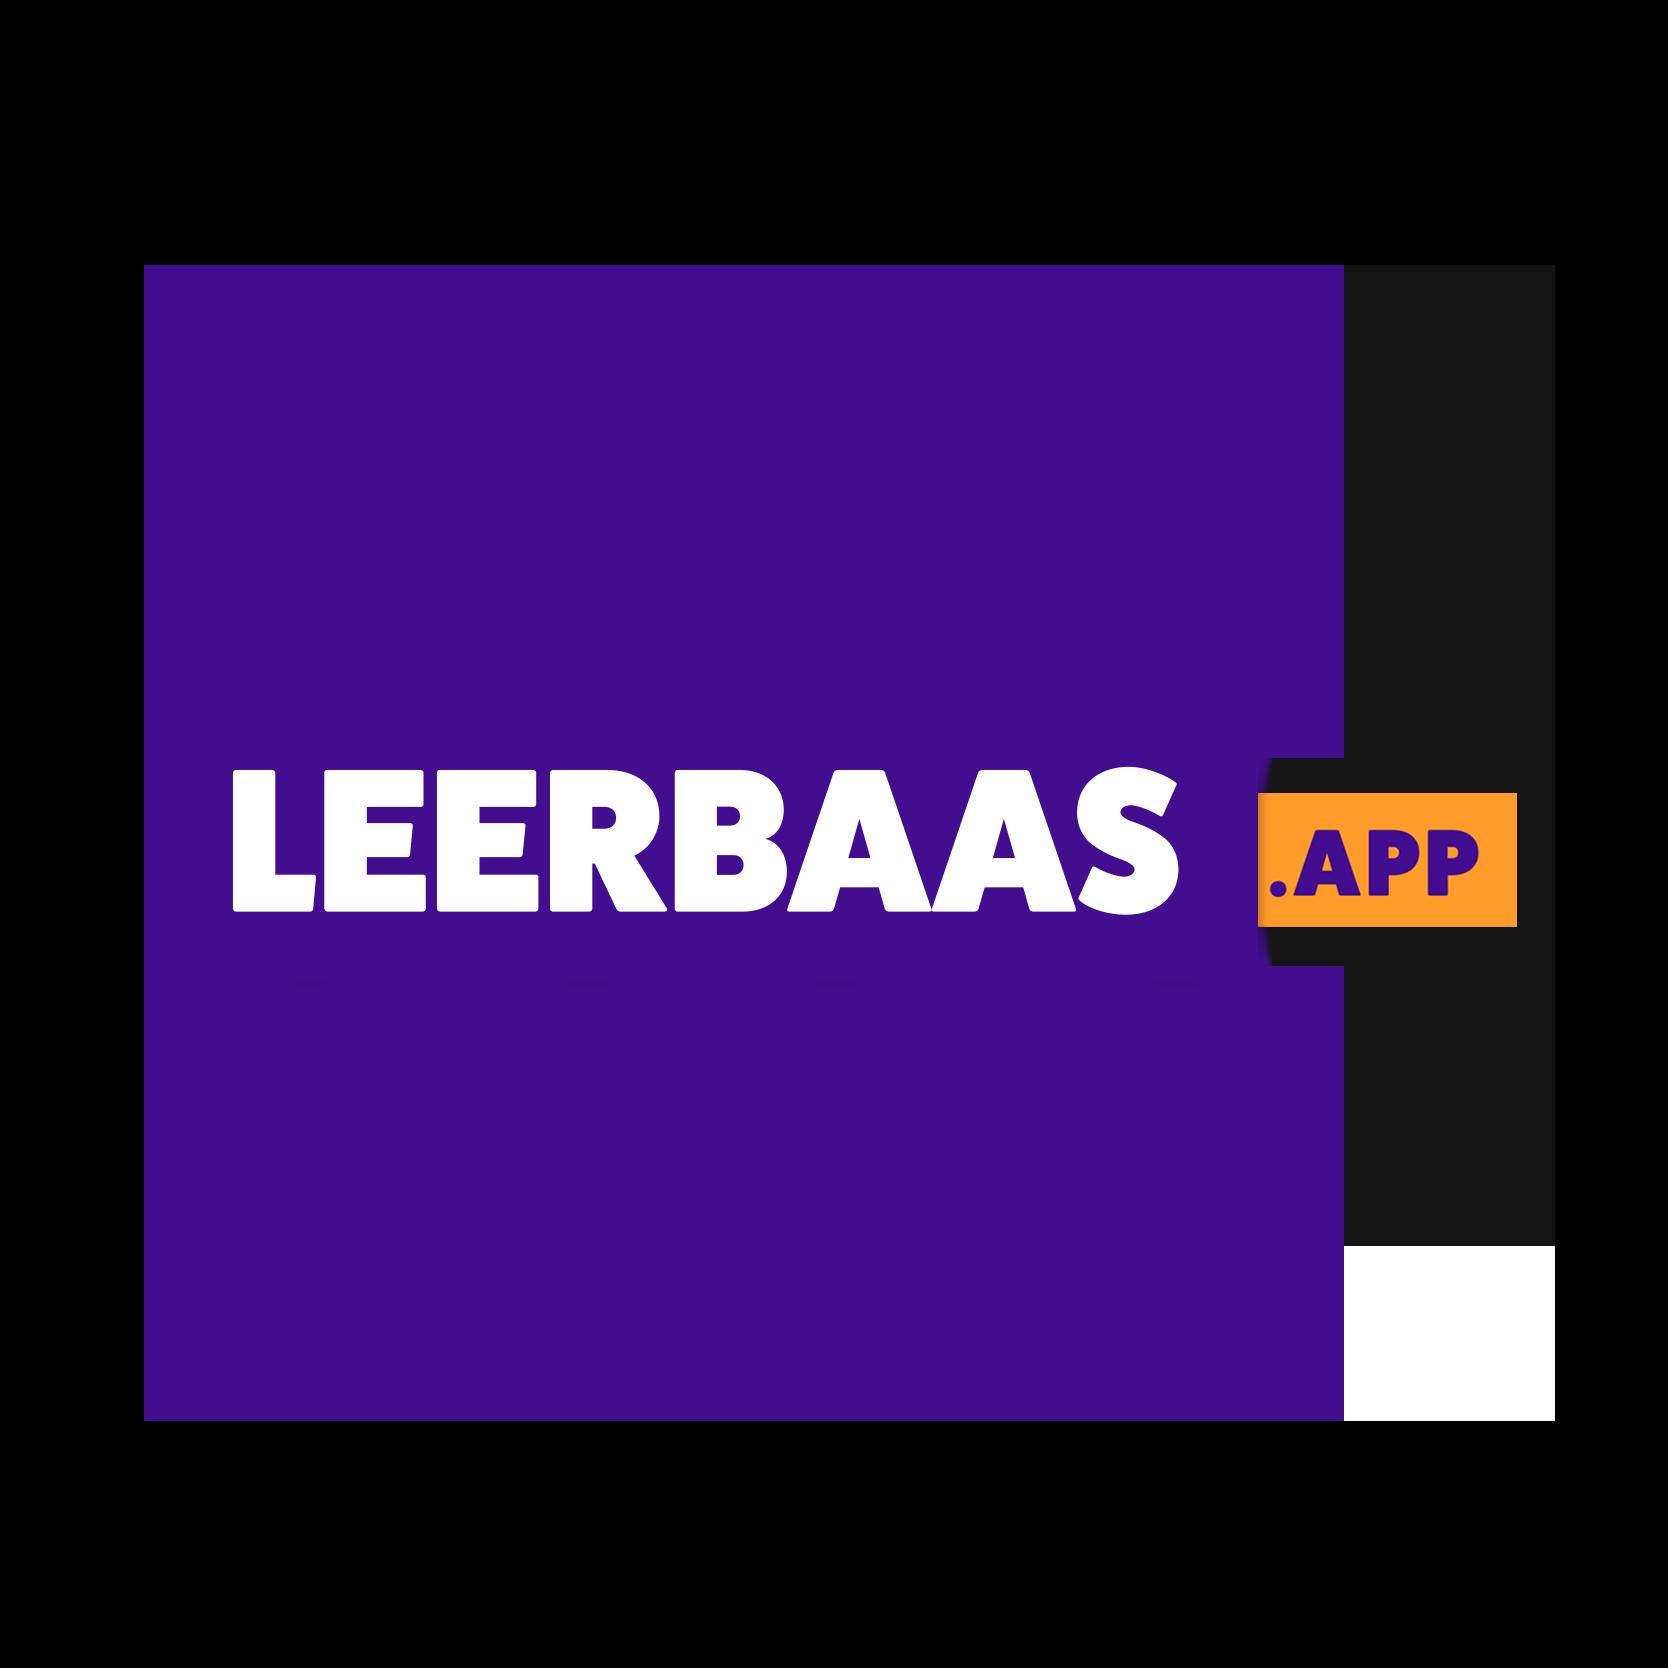 Logo Leerbaas.app, (c) Future Life Research 2021